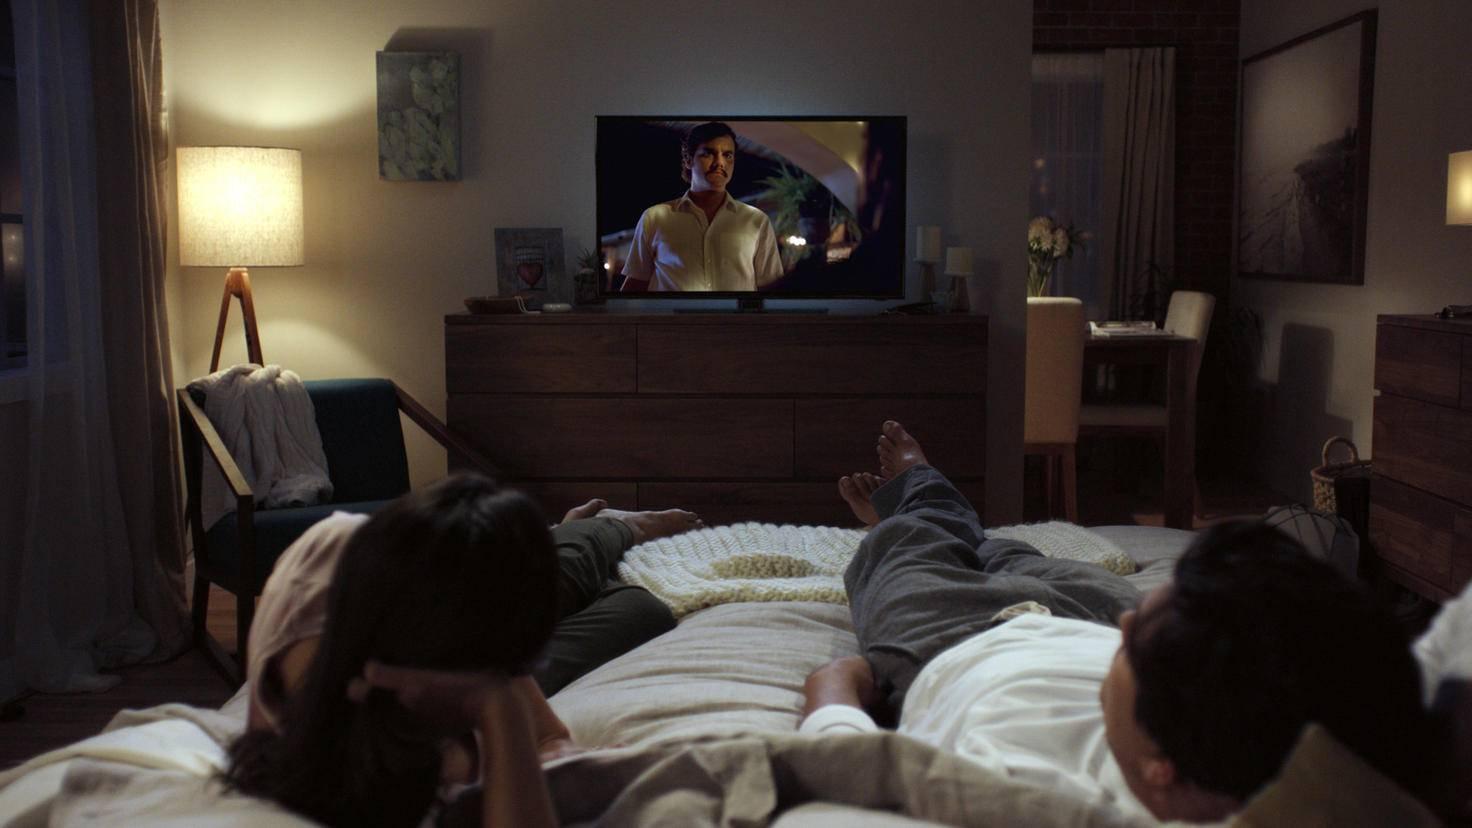 Der Netflix-Stream im Nebenzimmer kann Dir den Steam-Download versauen.